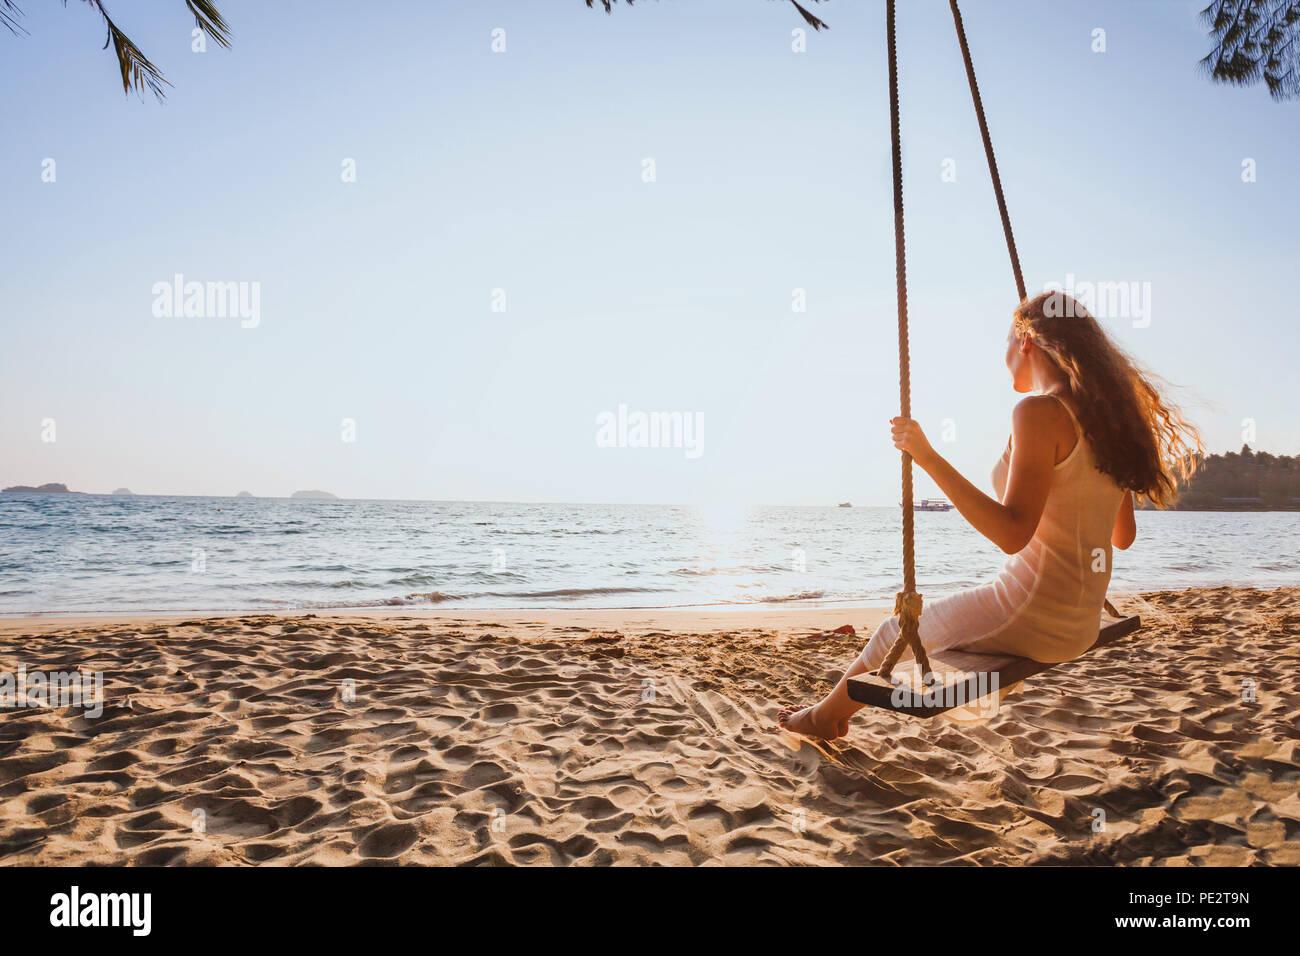 Traum und Glück Konzept, romantische Schöne unbeschwerte Frau entspannend auf der Schaukel im Sunset Beach, Ferien, Urlaub, Reisen und Erholung Stockbild